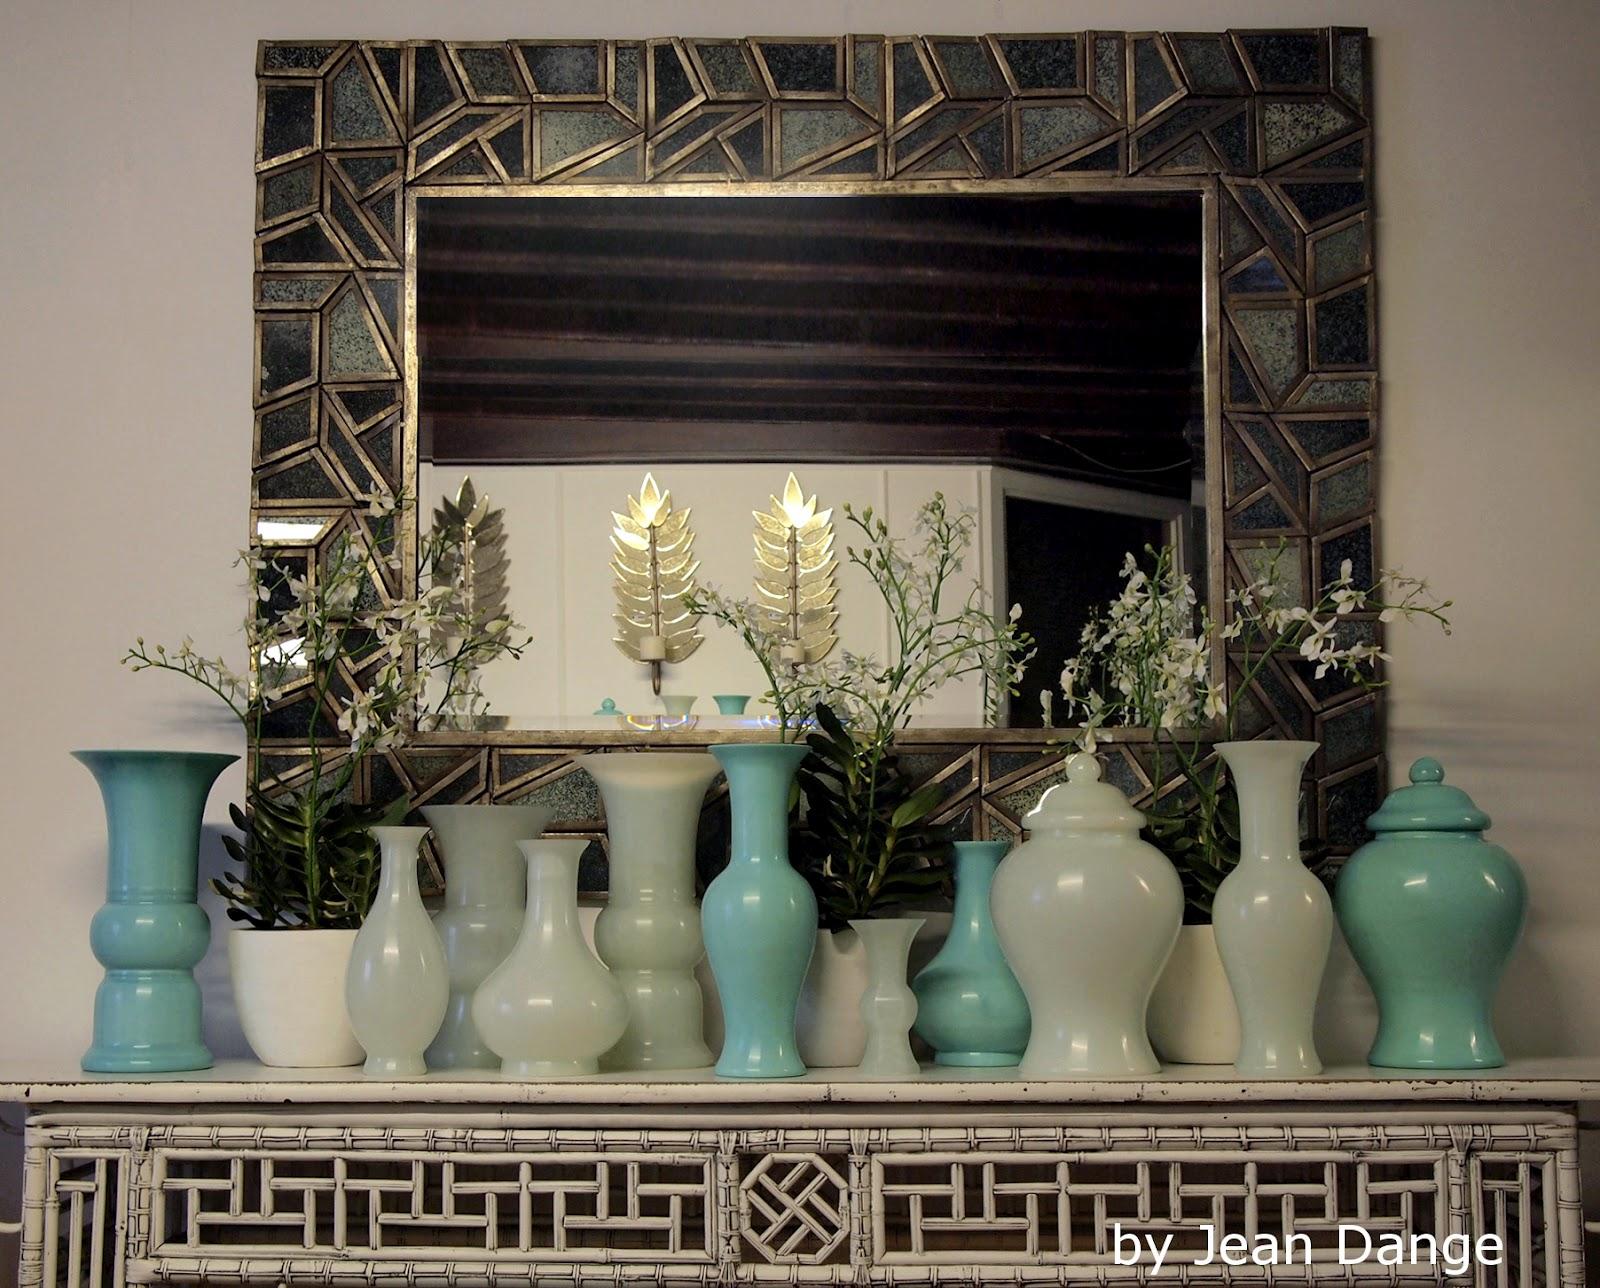 jean dange february 2012. Black Bedroom Furniture Sets. Home Design Ideas